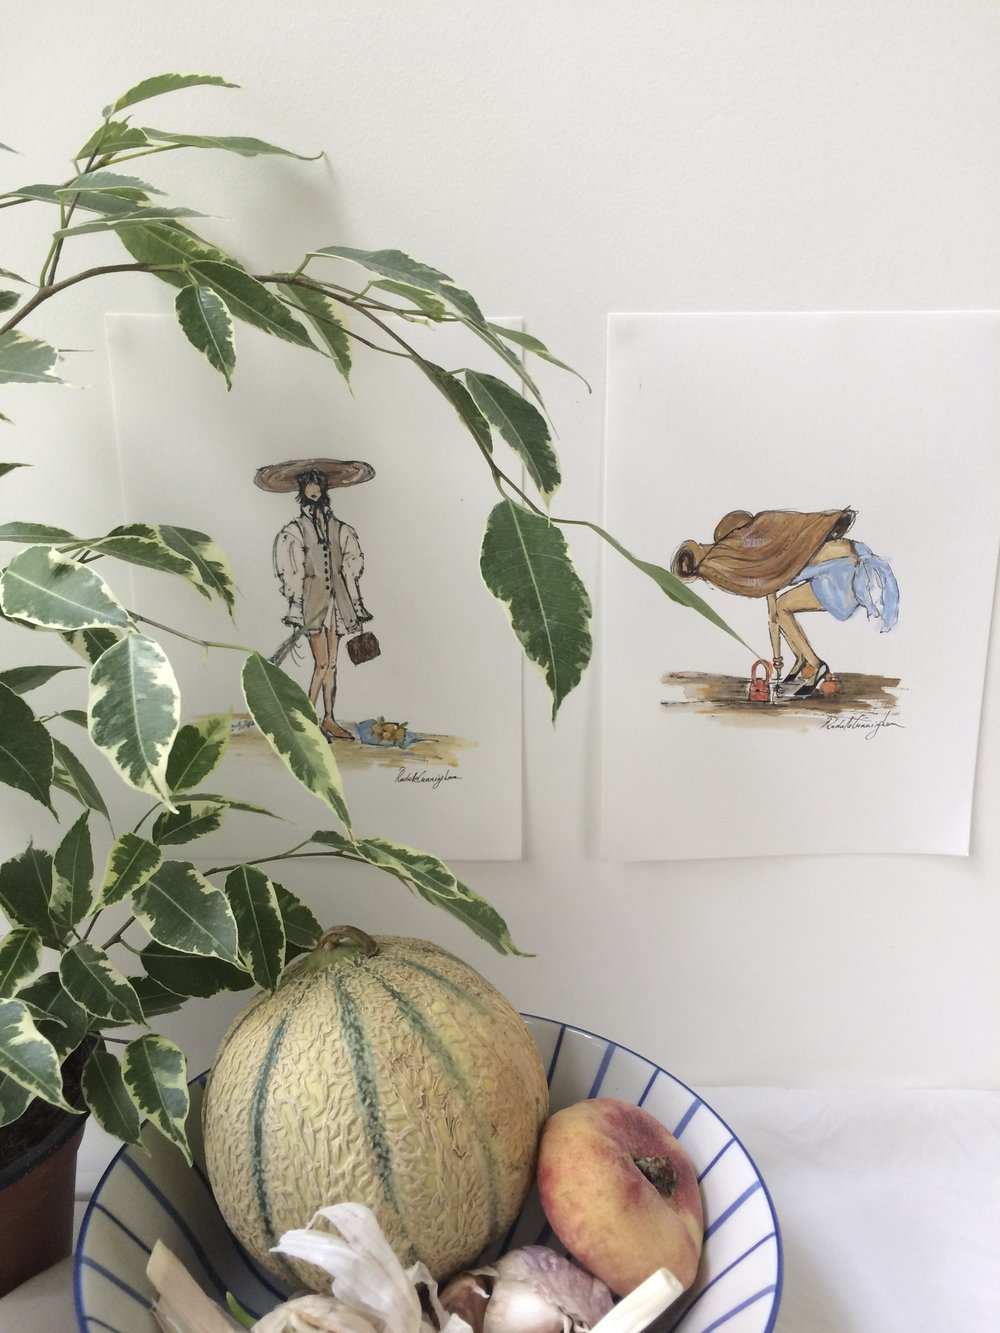 Lavande & La Bomba prints.